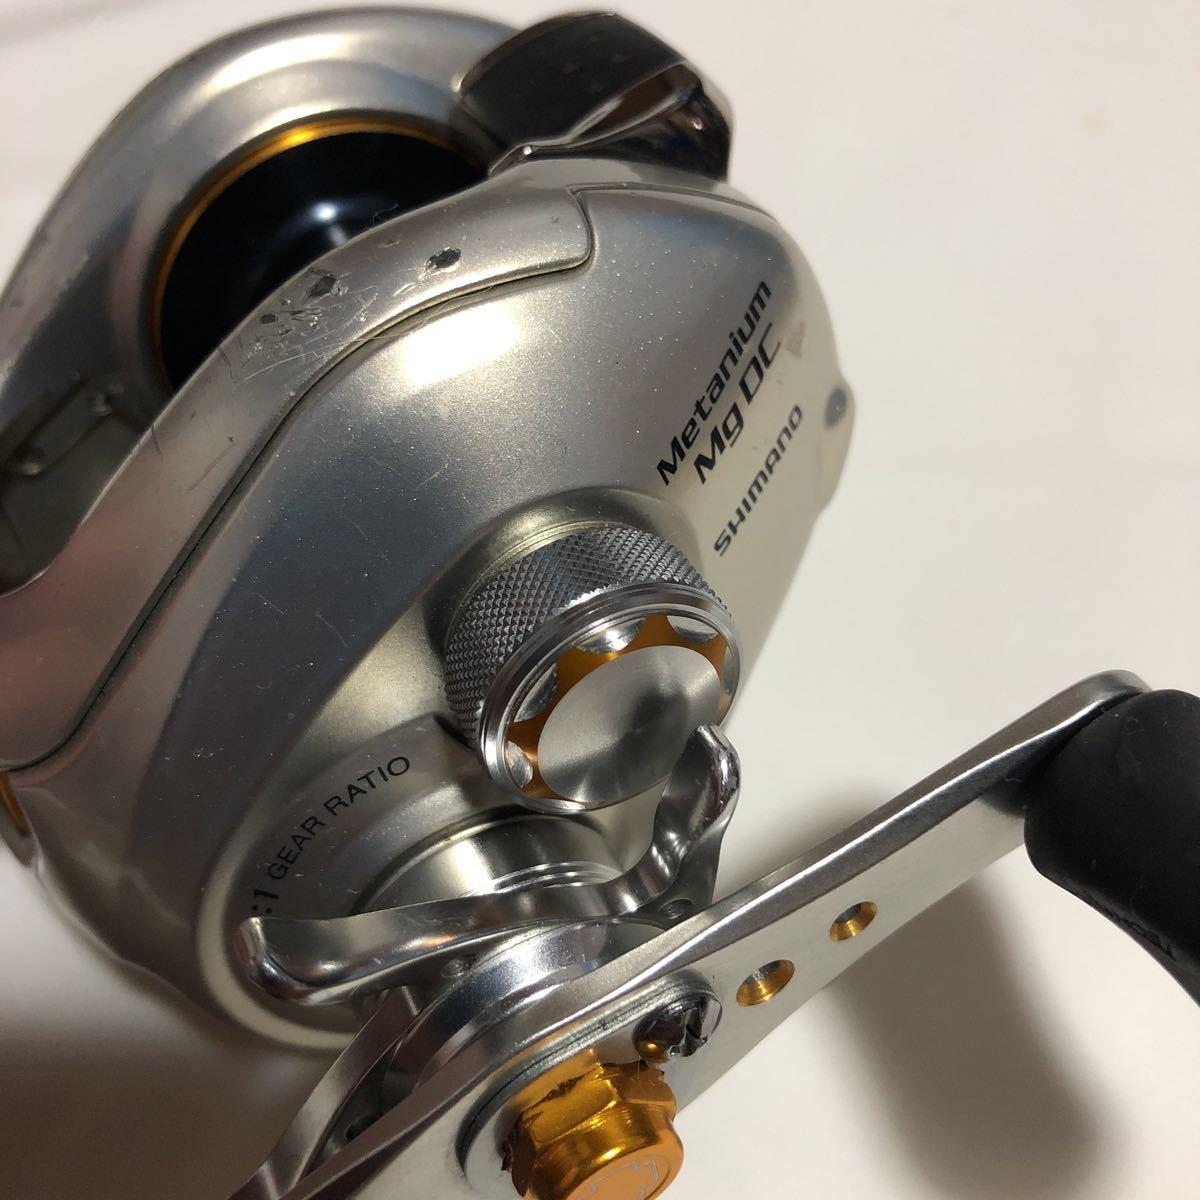 ★動作良好★ シマノ SHIMANO メタニウム mg metanium DC 左ハンドル left handle バス釣り bass fishing_画像4